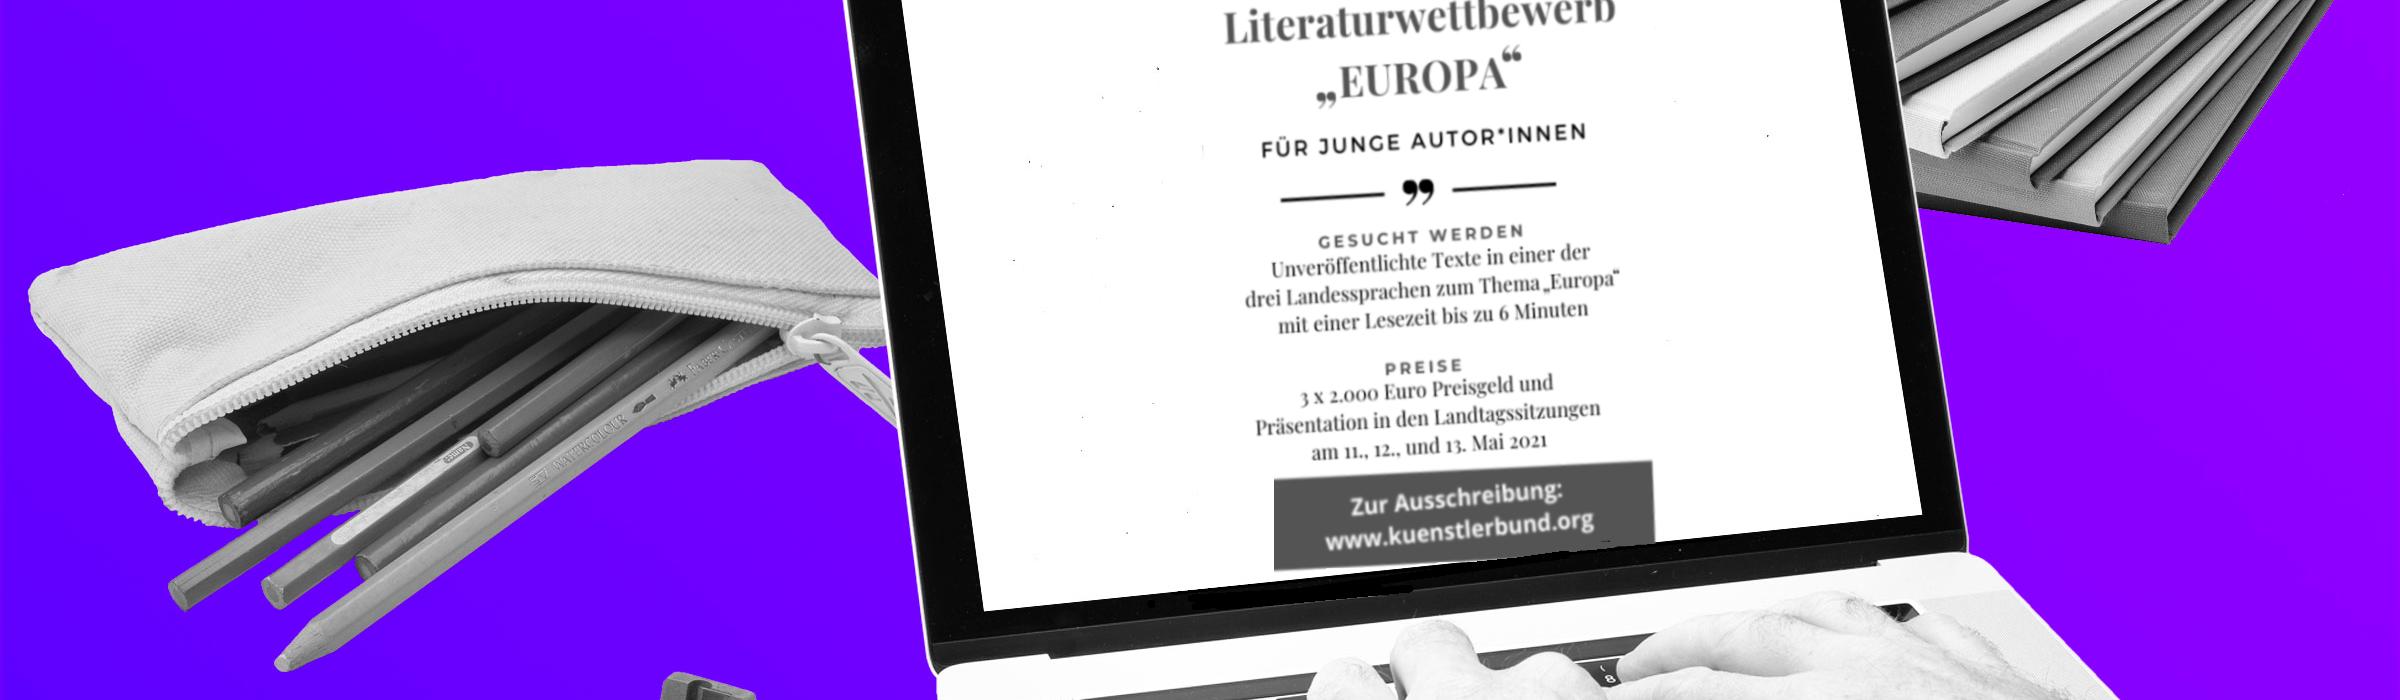 Literaturwettbewerb Europa